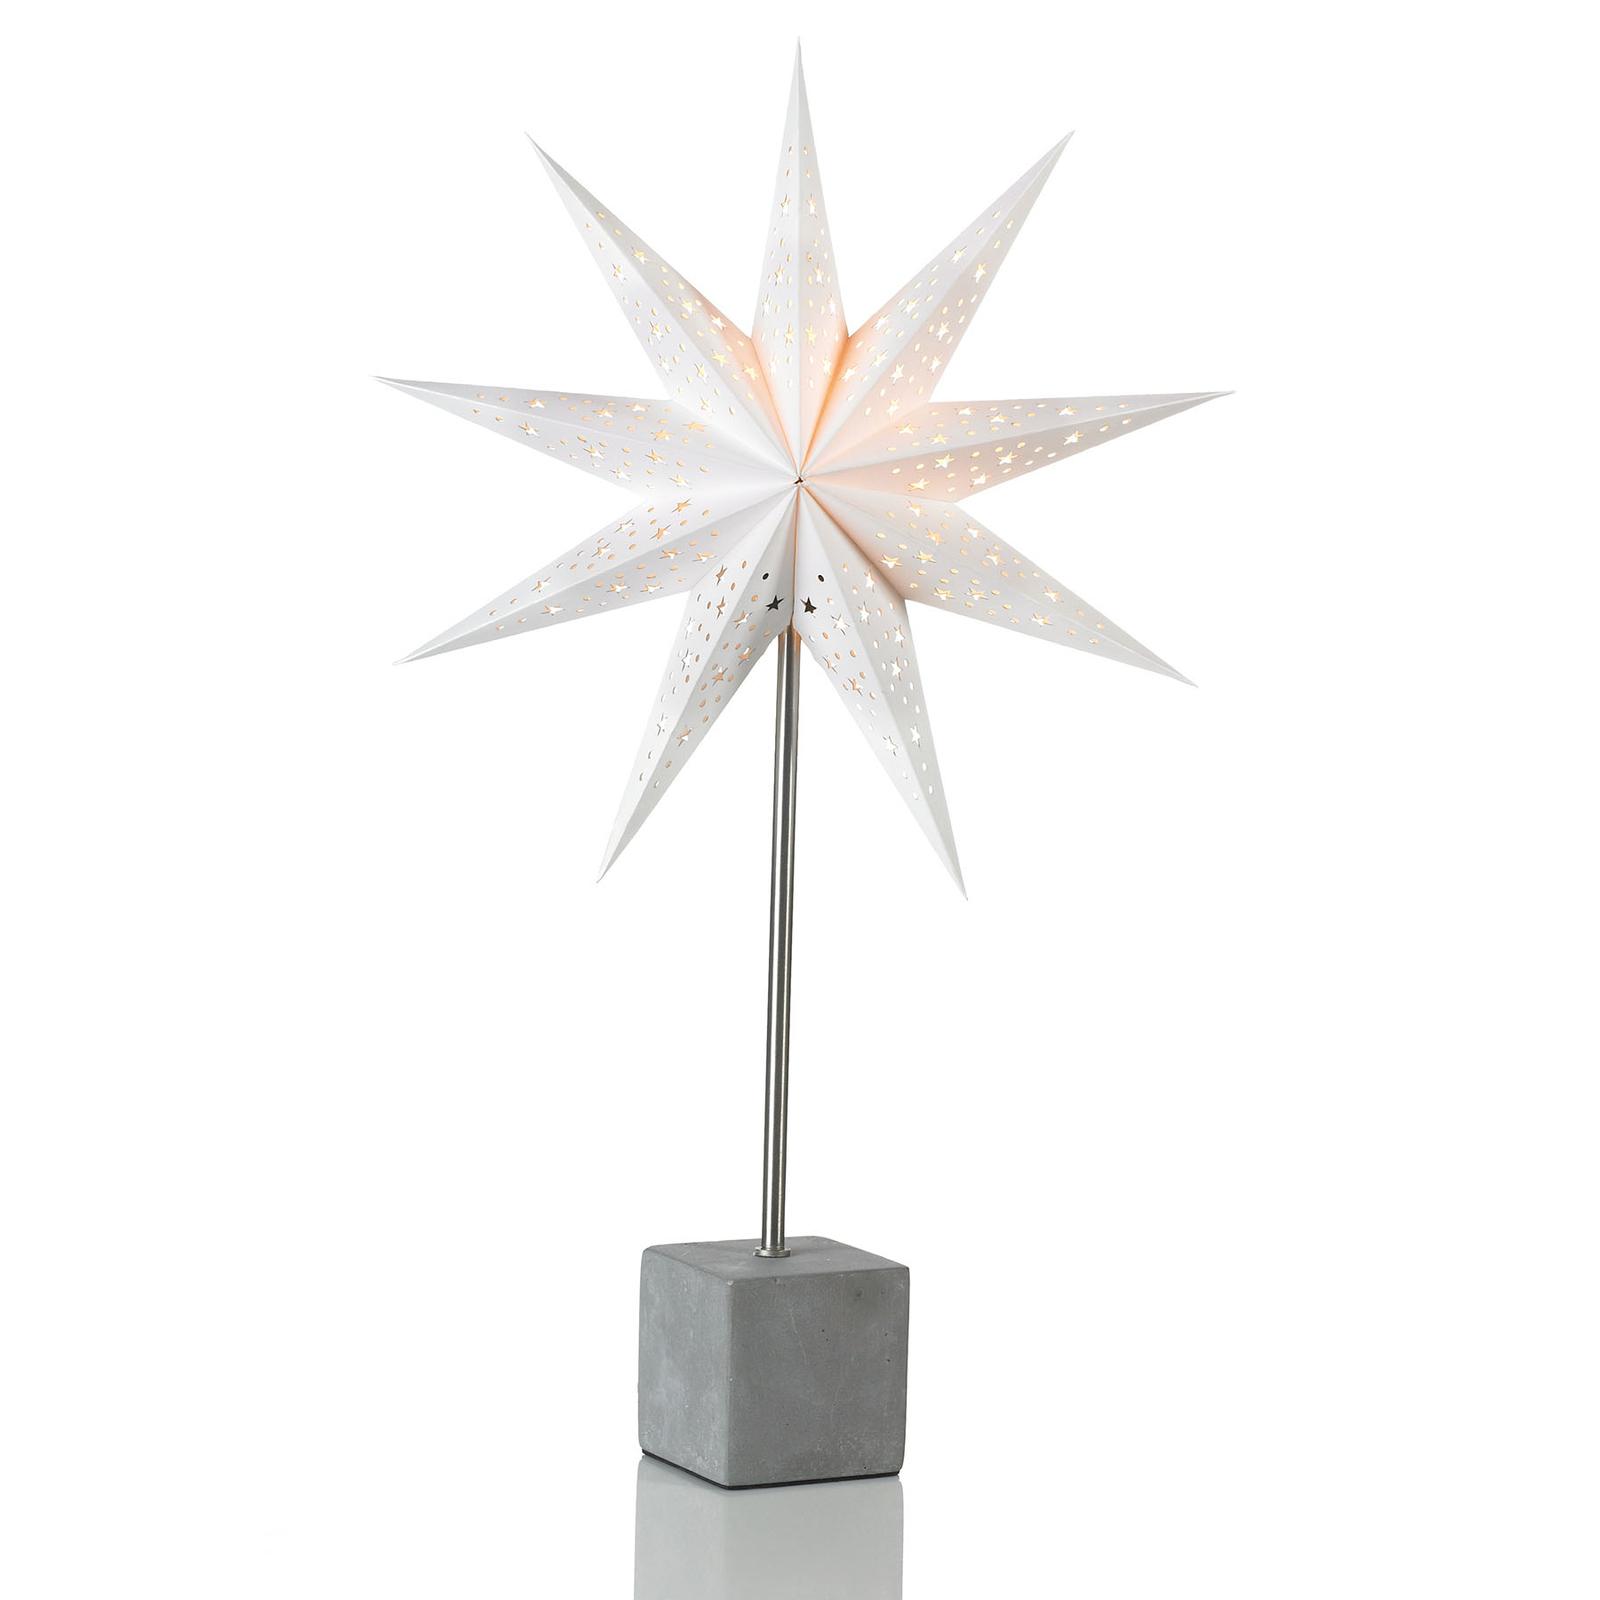 Dekorační hvězda Hard jako stolní lampa, 58cm bílá